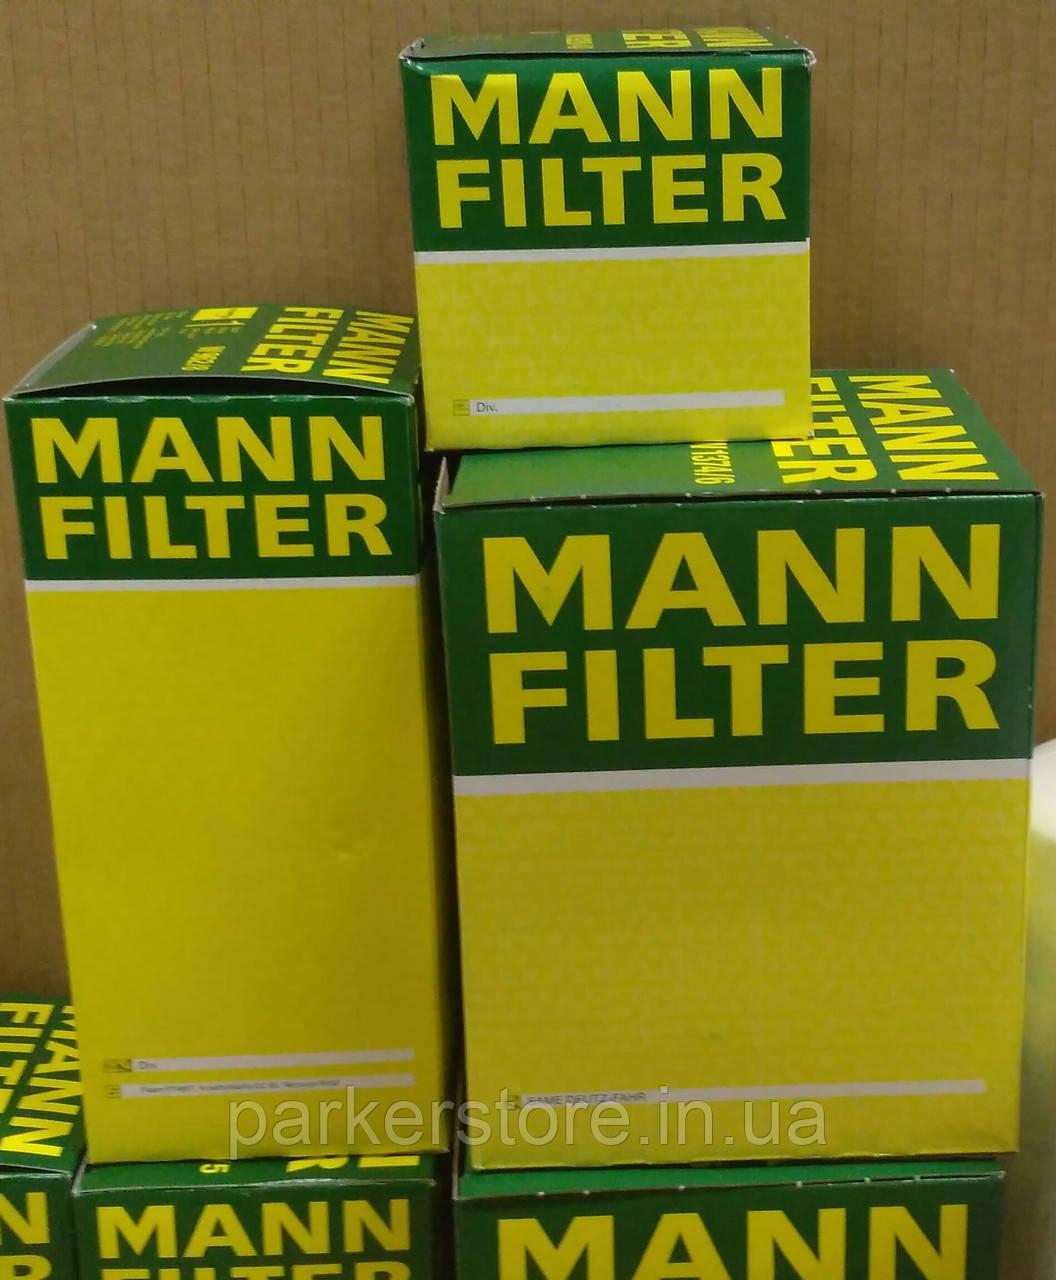 MANN FILTER / Воздушный фильтр / C 2537/1 / C2537/1